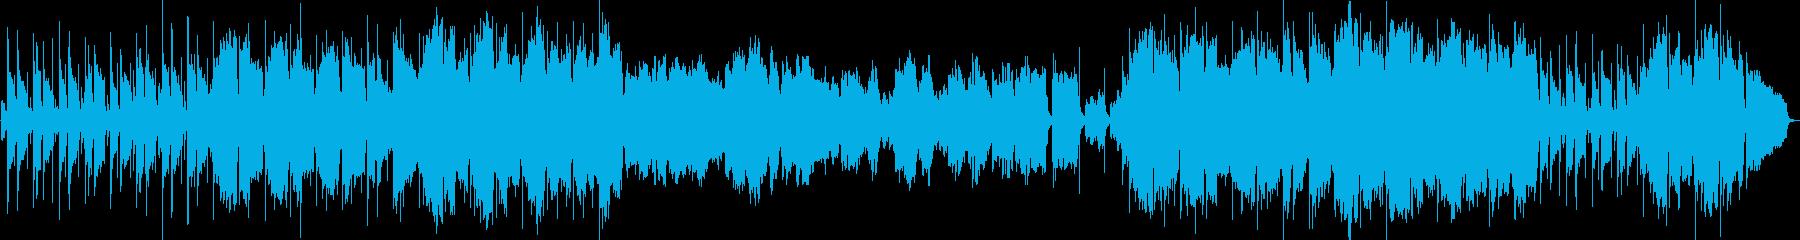 切ないアコギとヴァイオリンの曲の再生済みの波形